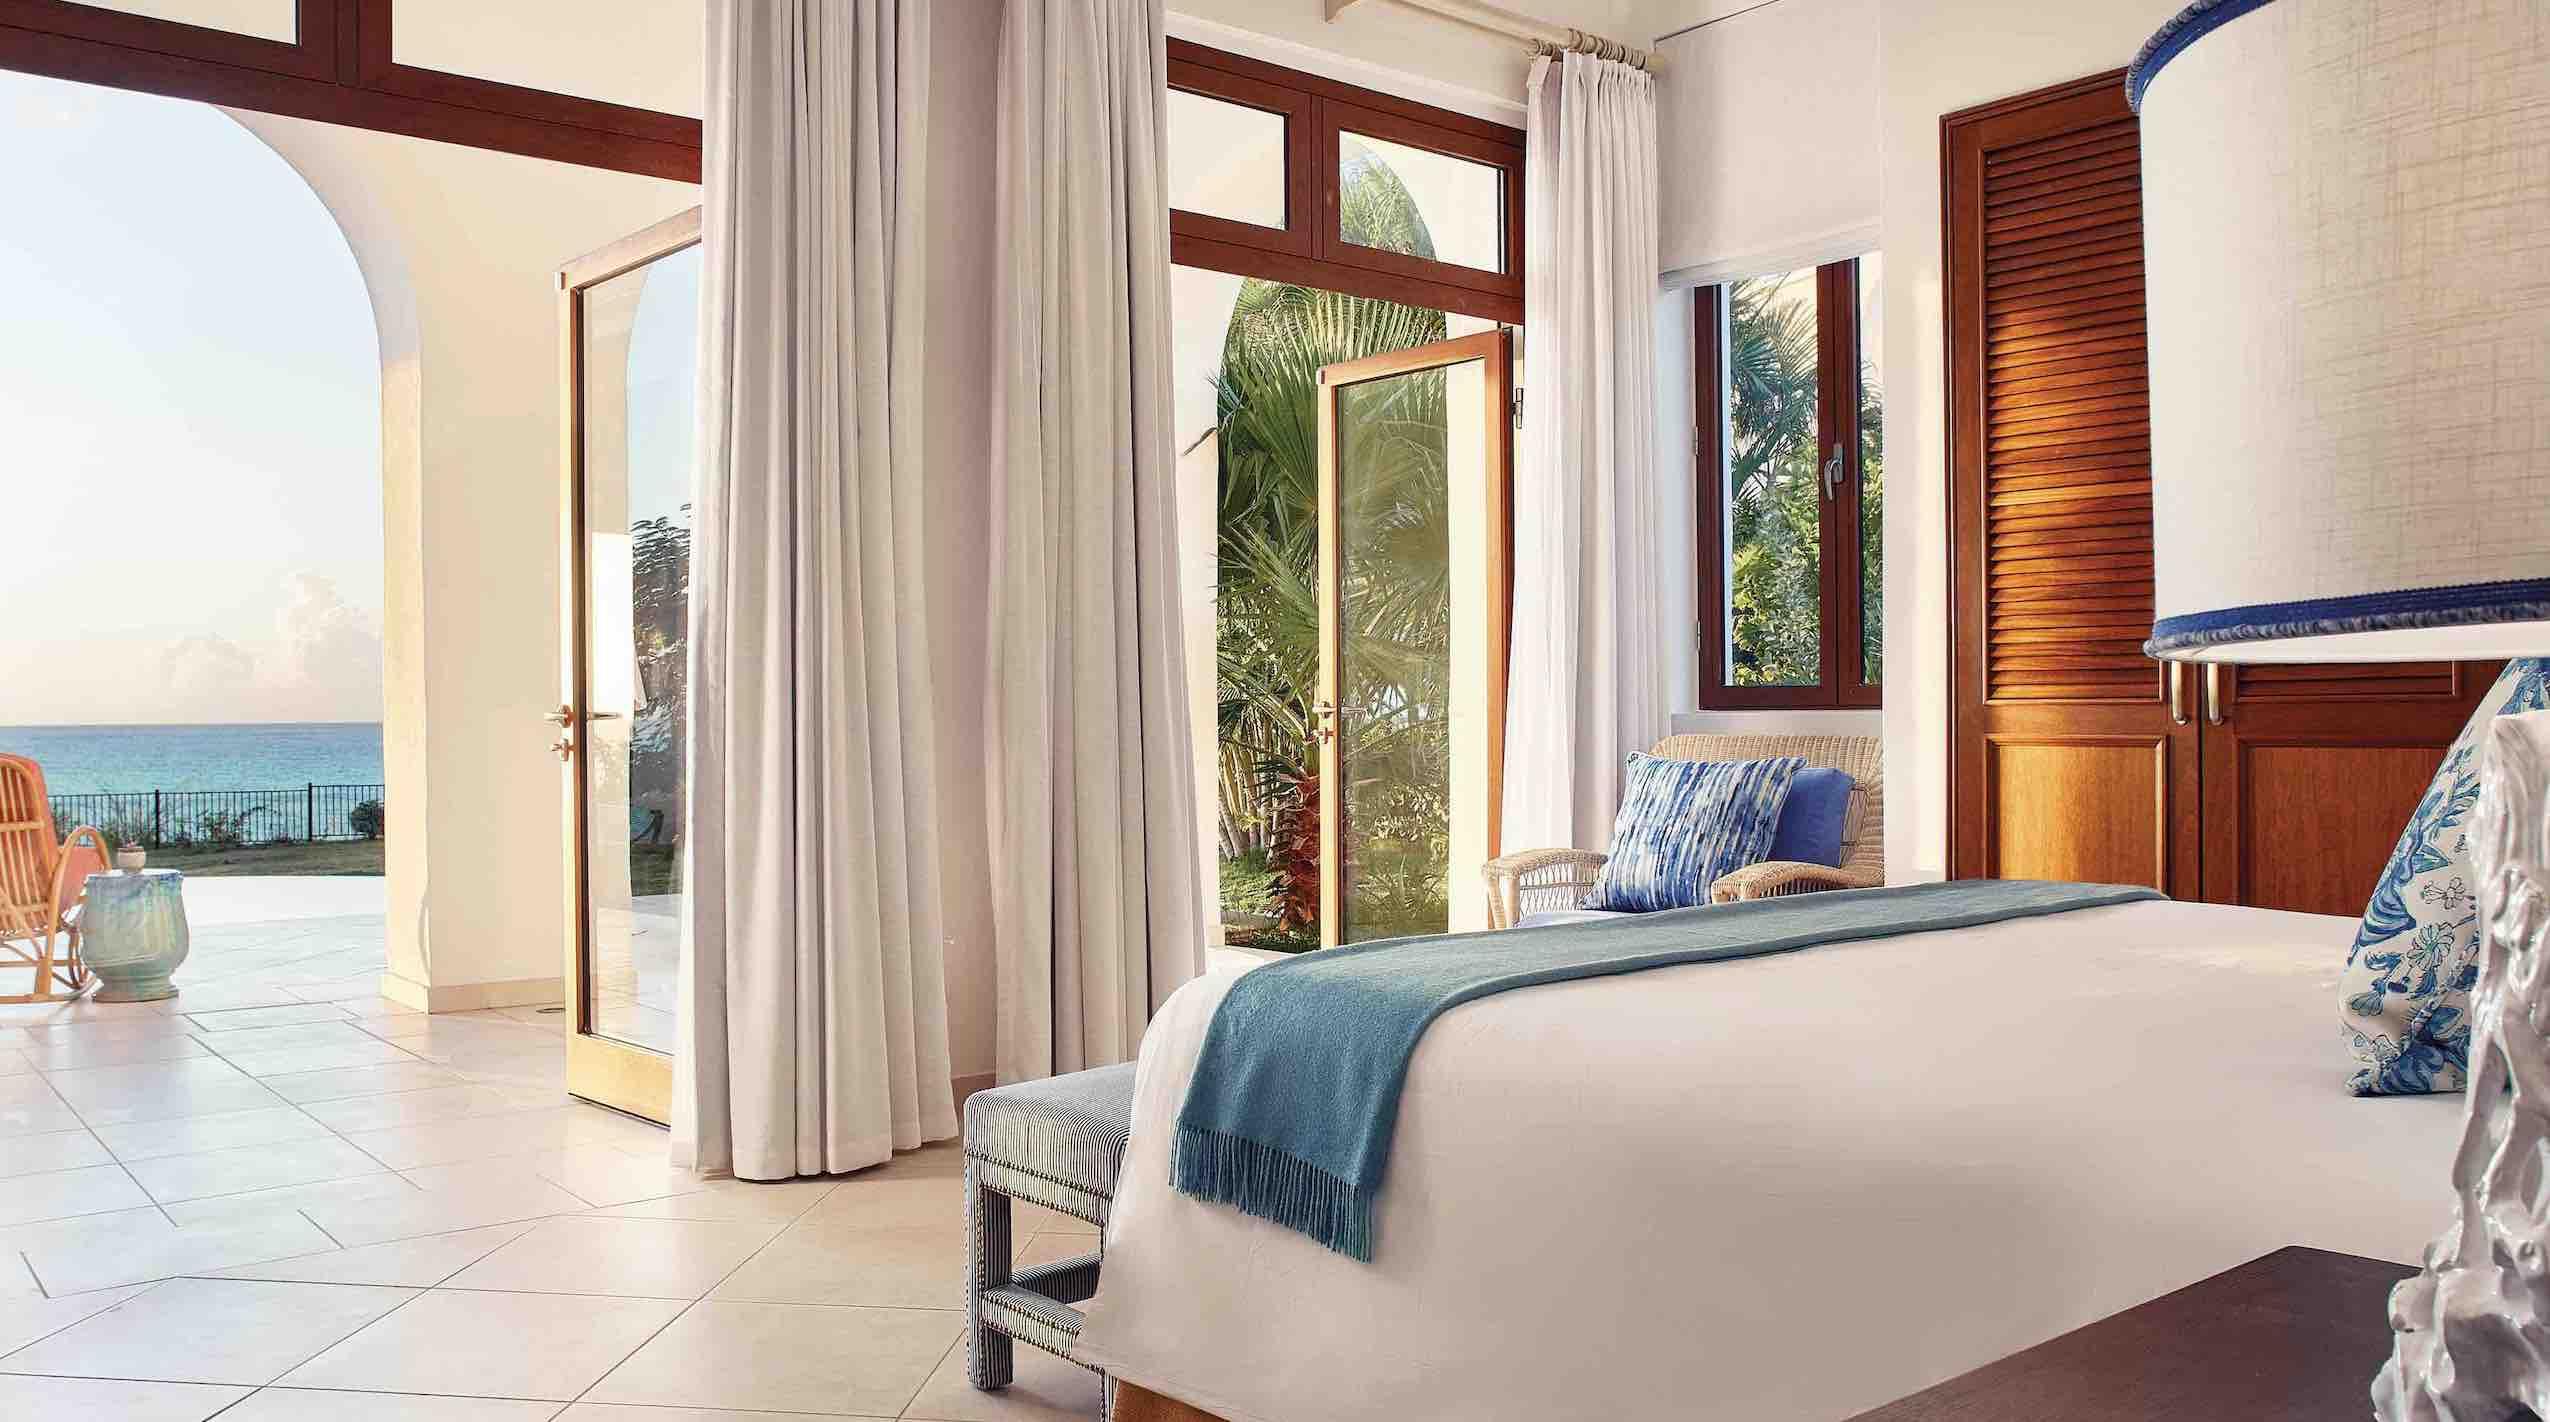 Belmond La Samanna bedroom with ocean view